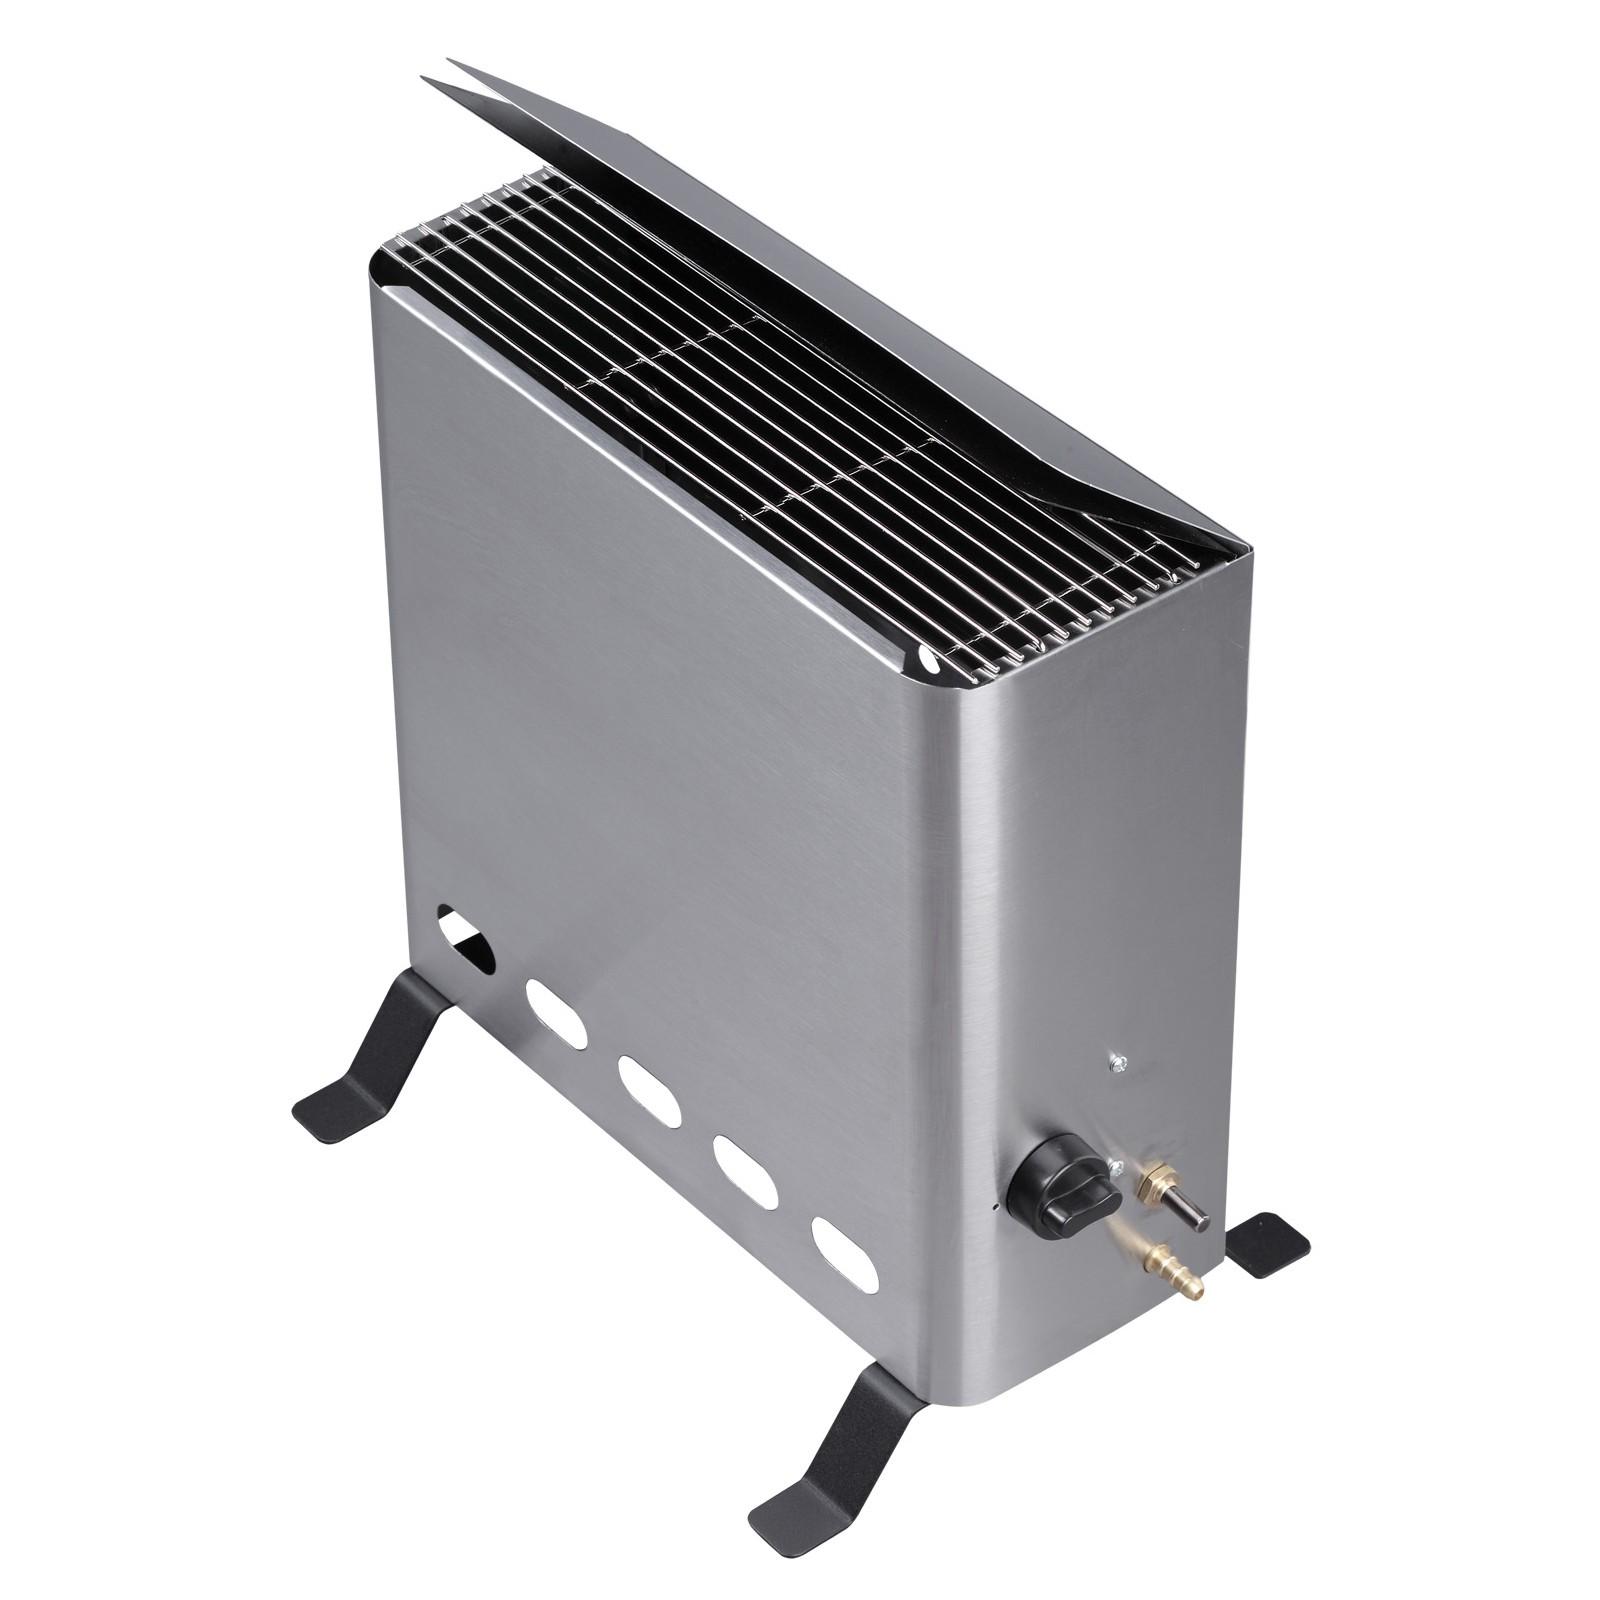 Tepro Gewächshausheizung Gasheizung Gewächshaus Gasheizer mit Thermostat 4,2 kW 2051